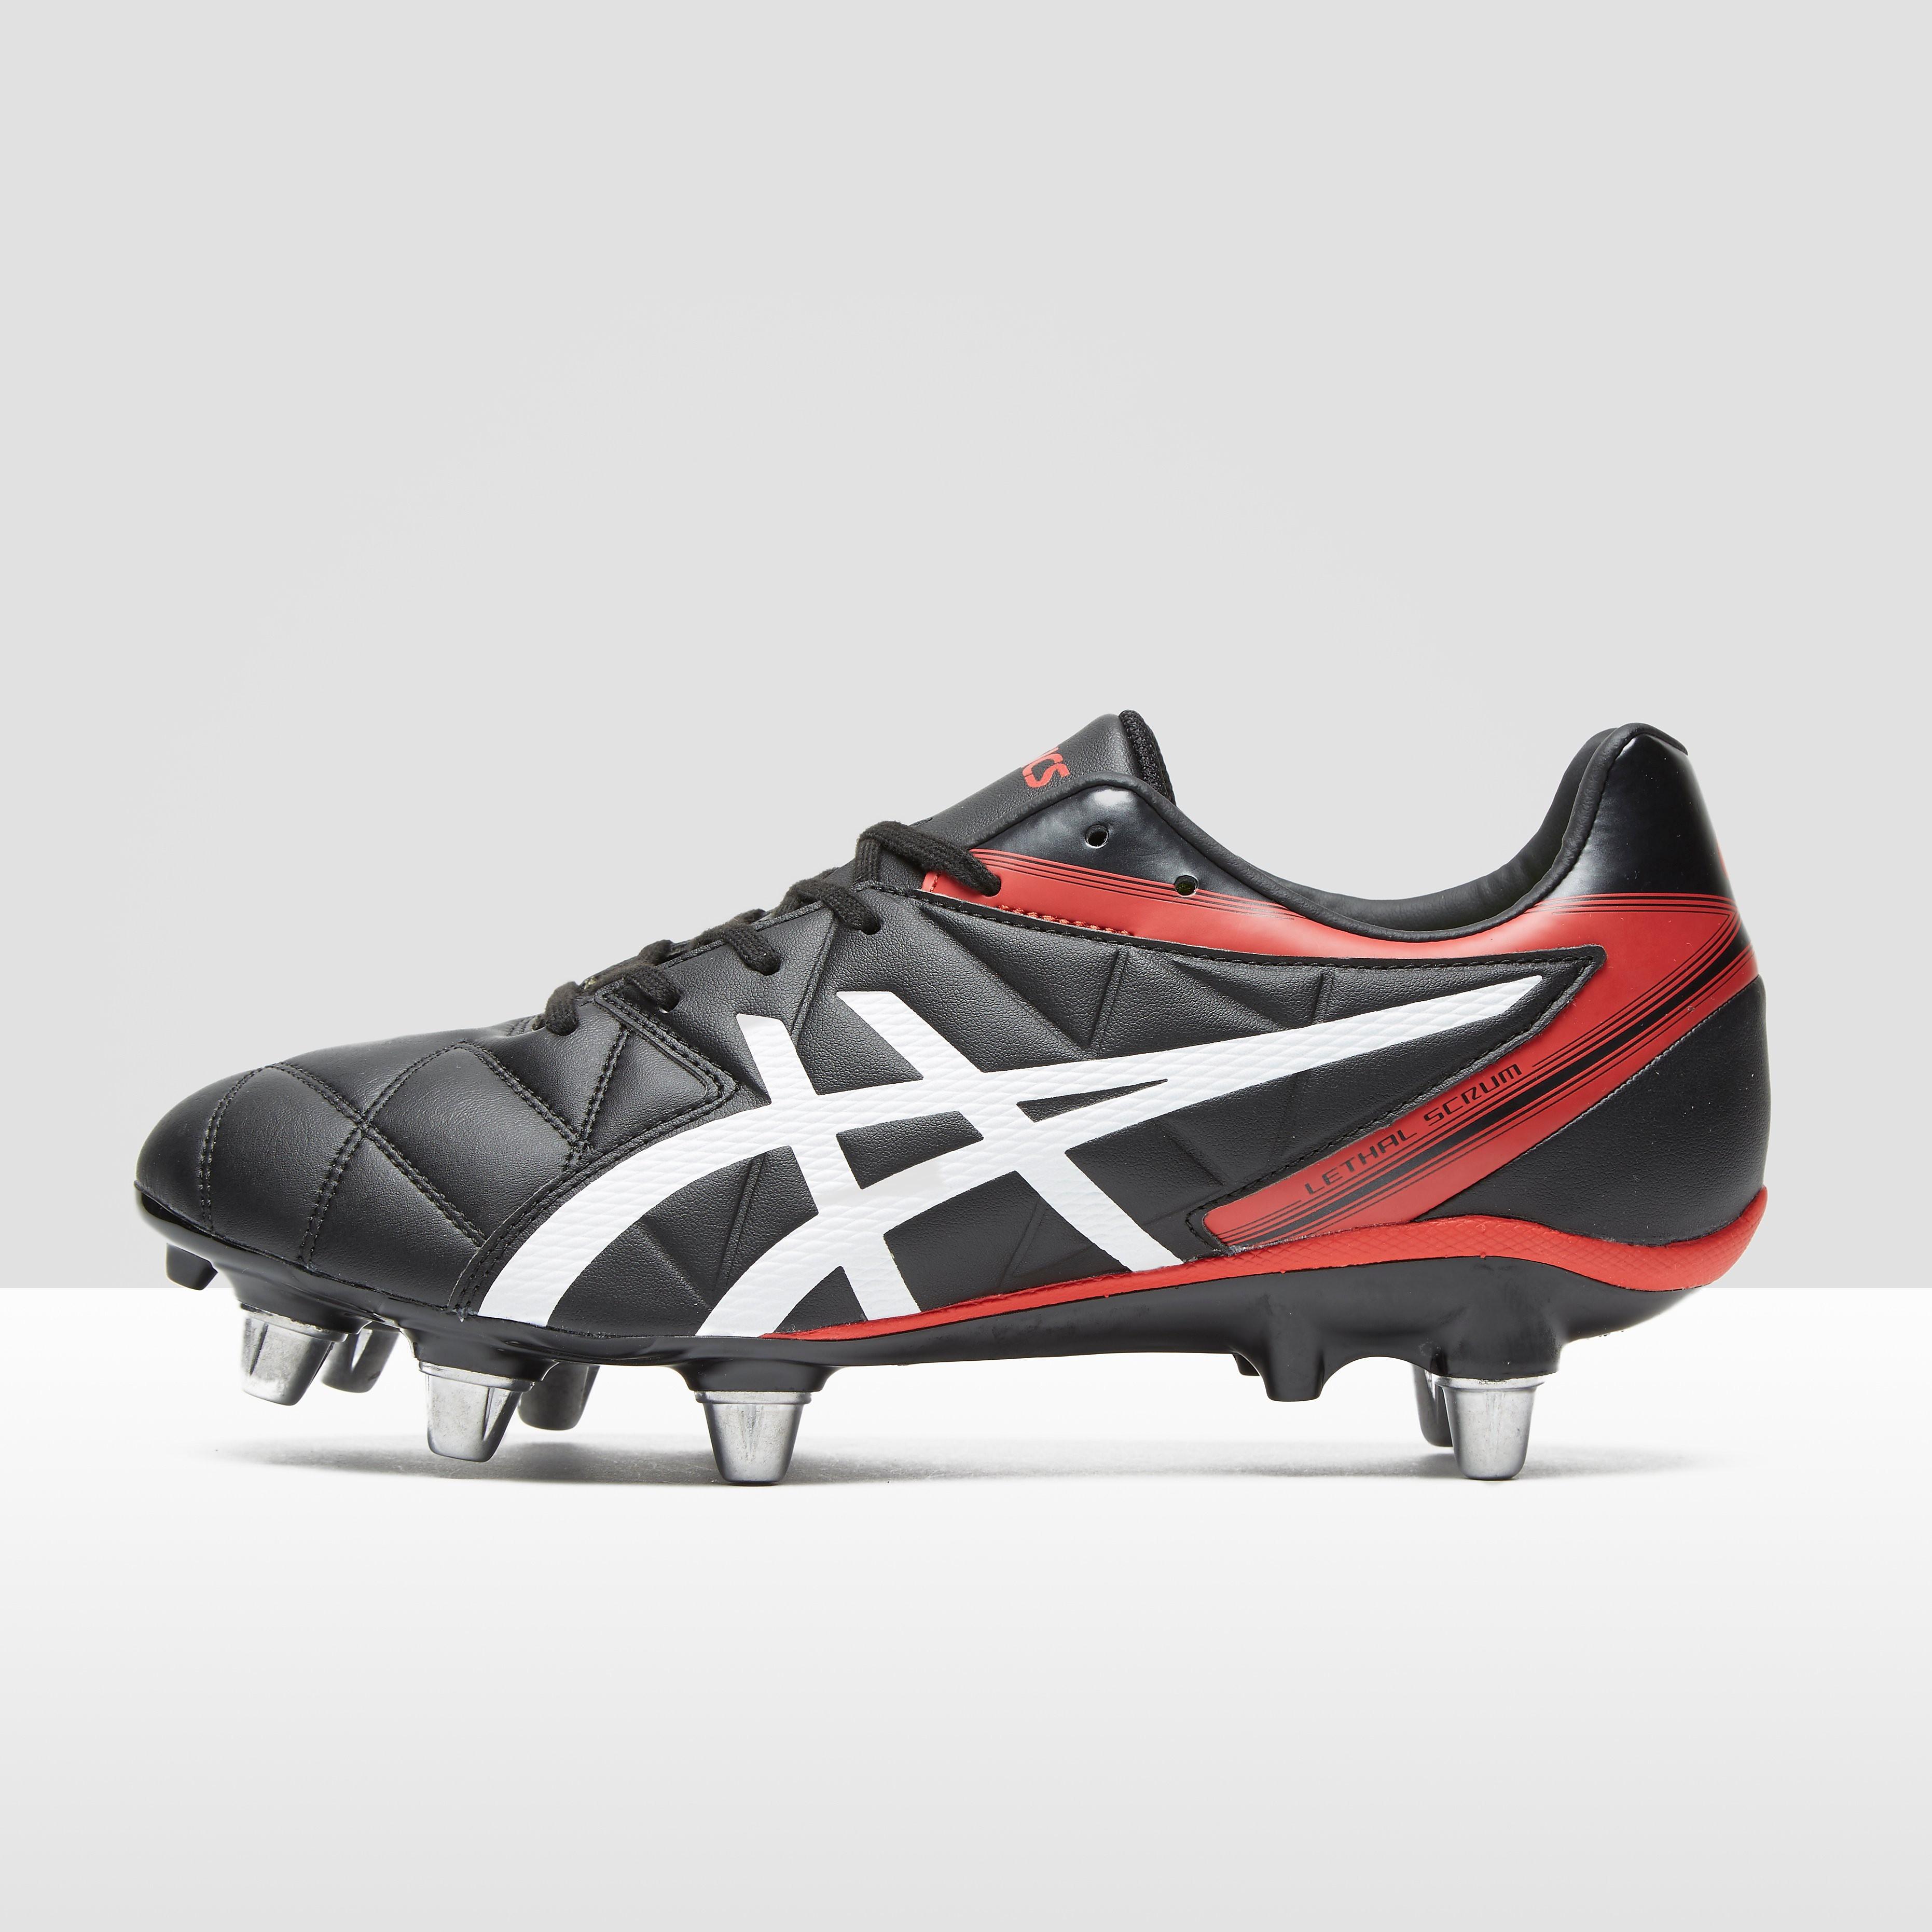 Mens Black ASICS Gel-Lethal Scrum Rugby Boots, Black